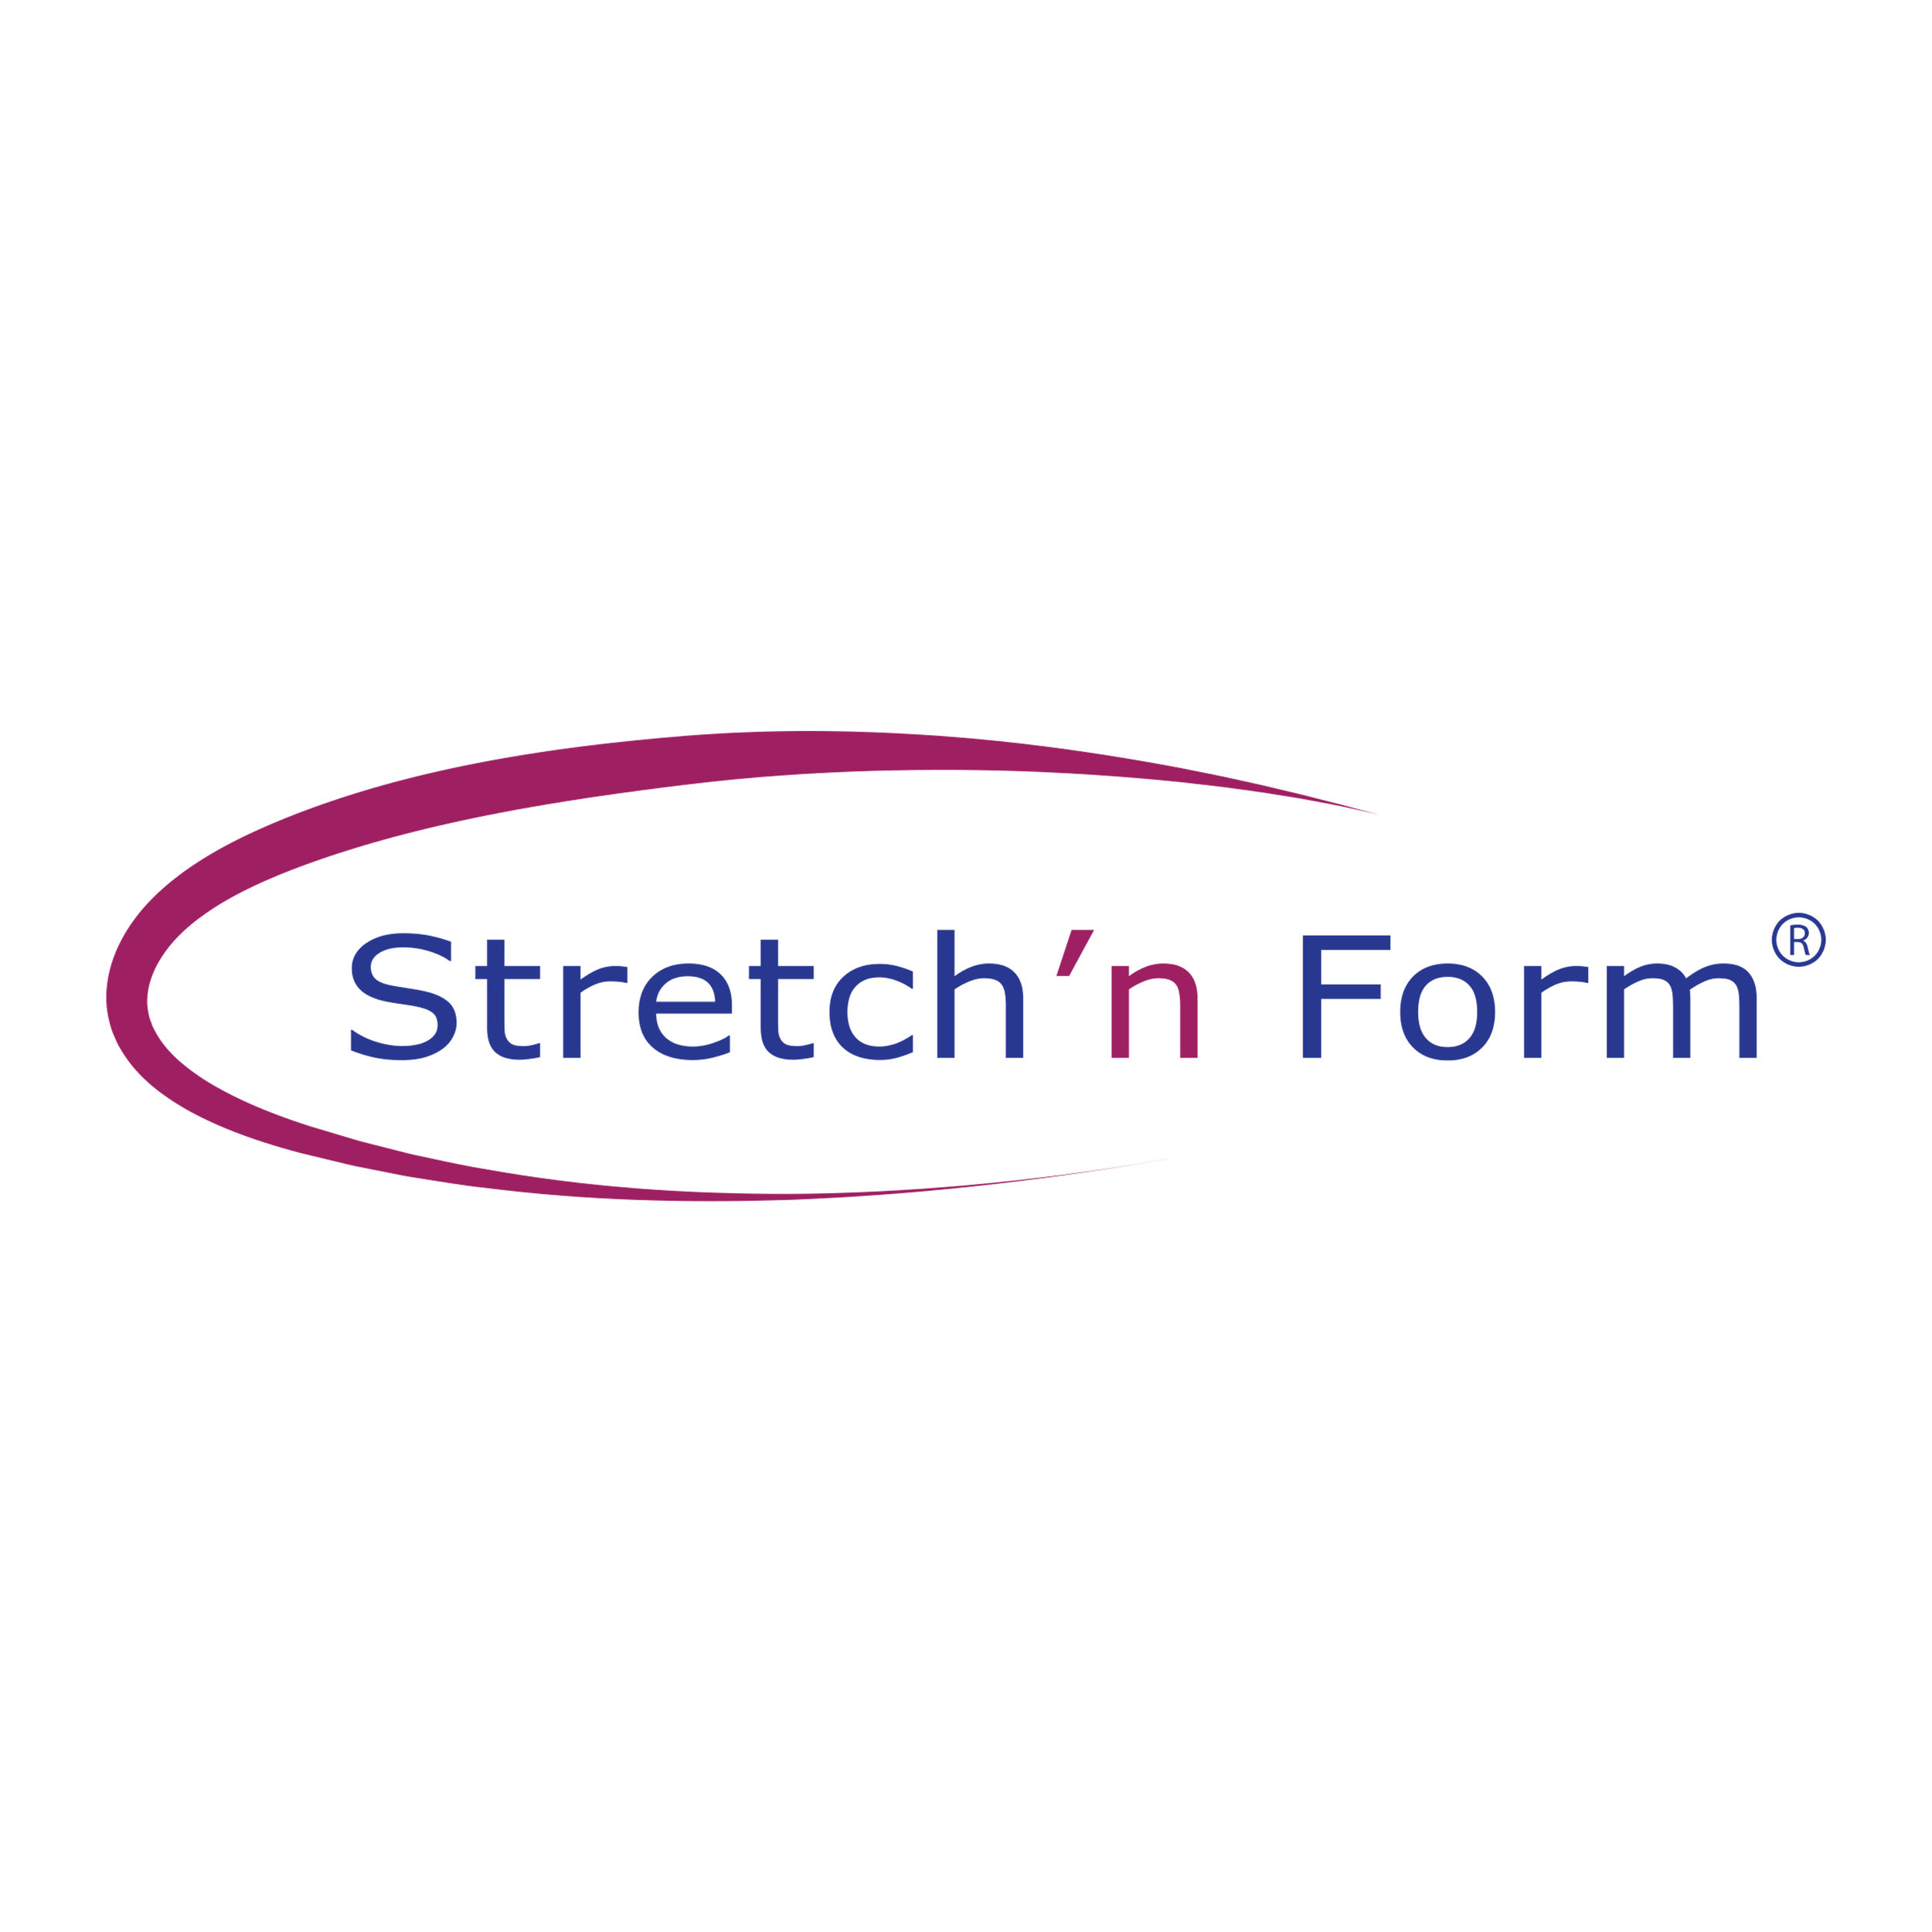 Stretch N Form large.jpg